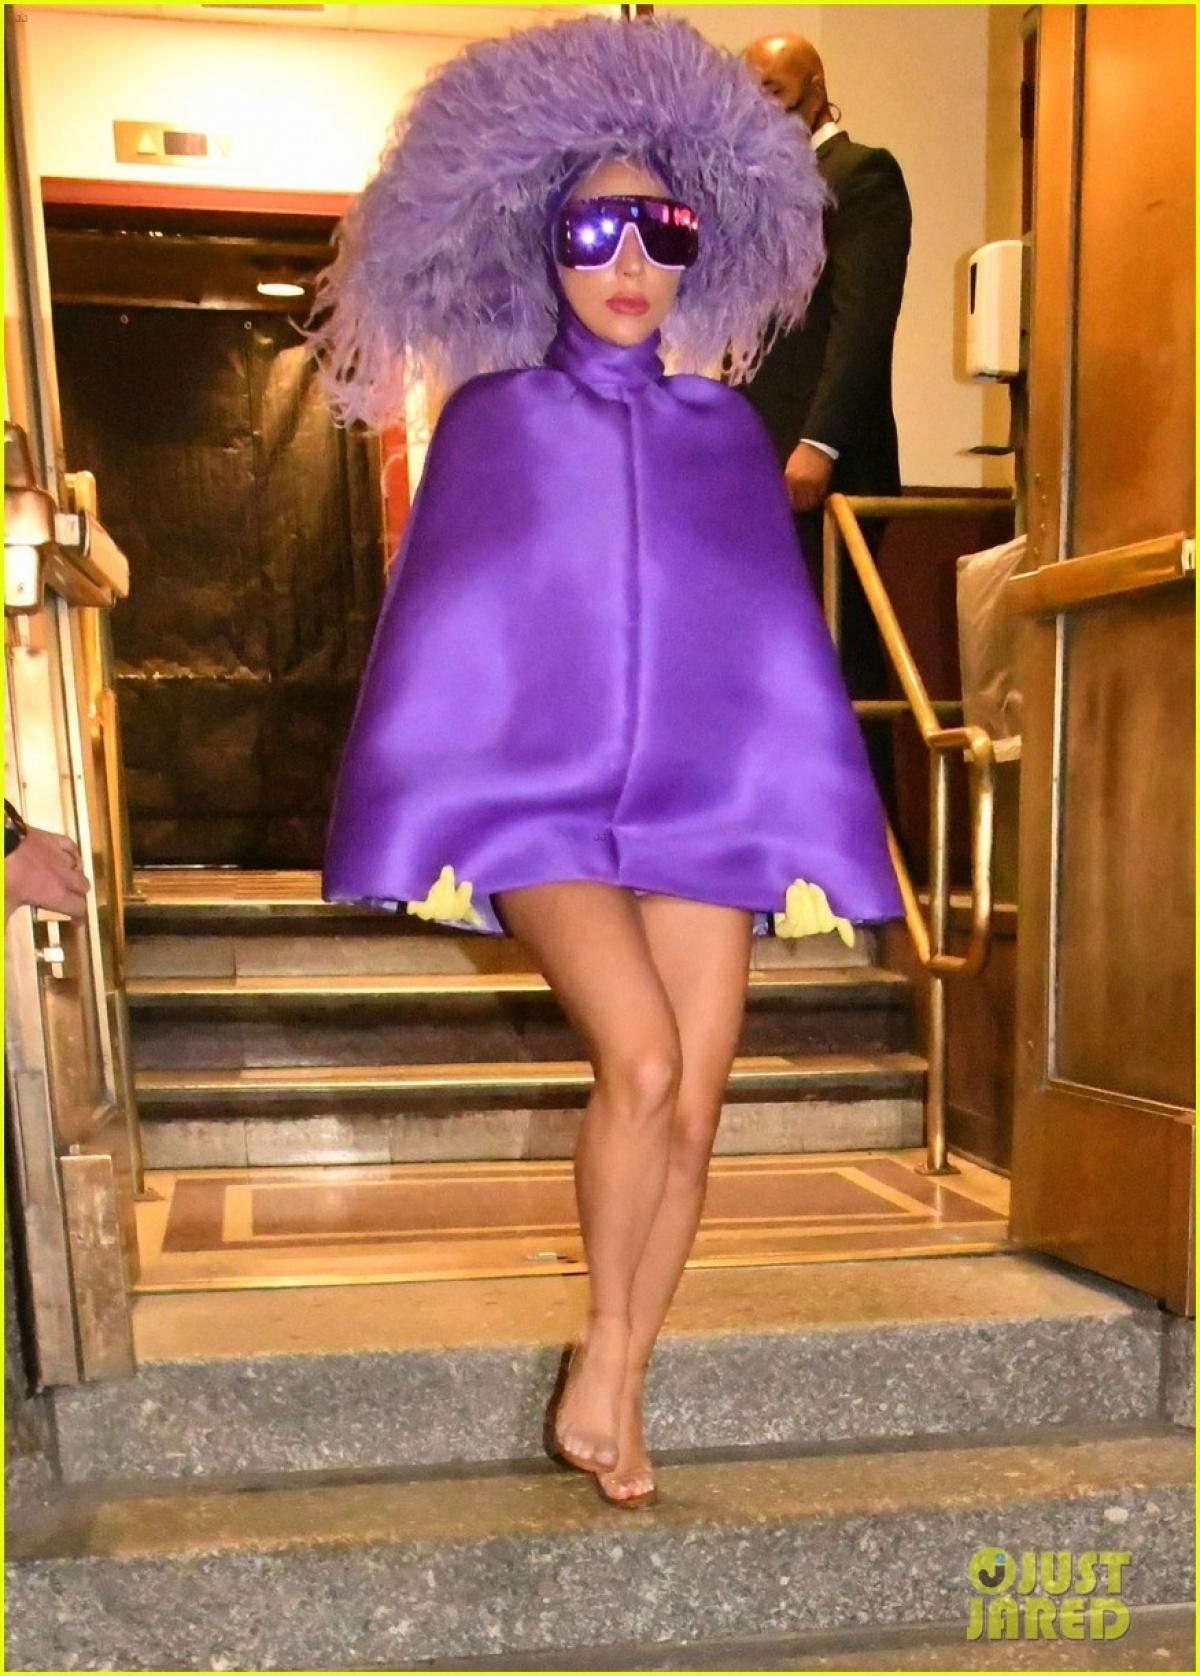 """Mới đây, Lady Gaga được vệ sĩ """"hộ tống"""" đến nhà hát Radio City Music Hall ở Manhattan, New York, để diễn tập cho buổi hòa nhạc sắp tới."""